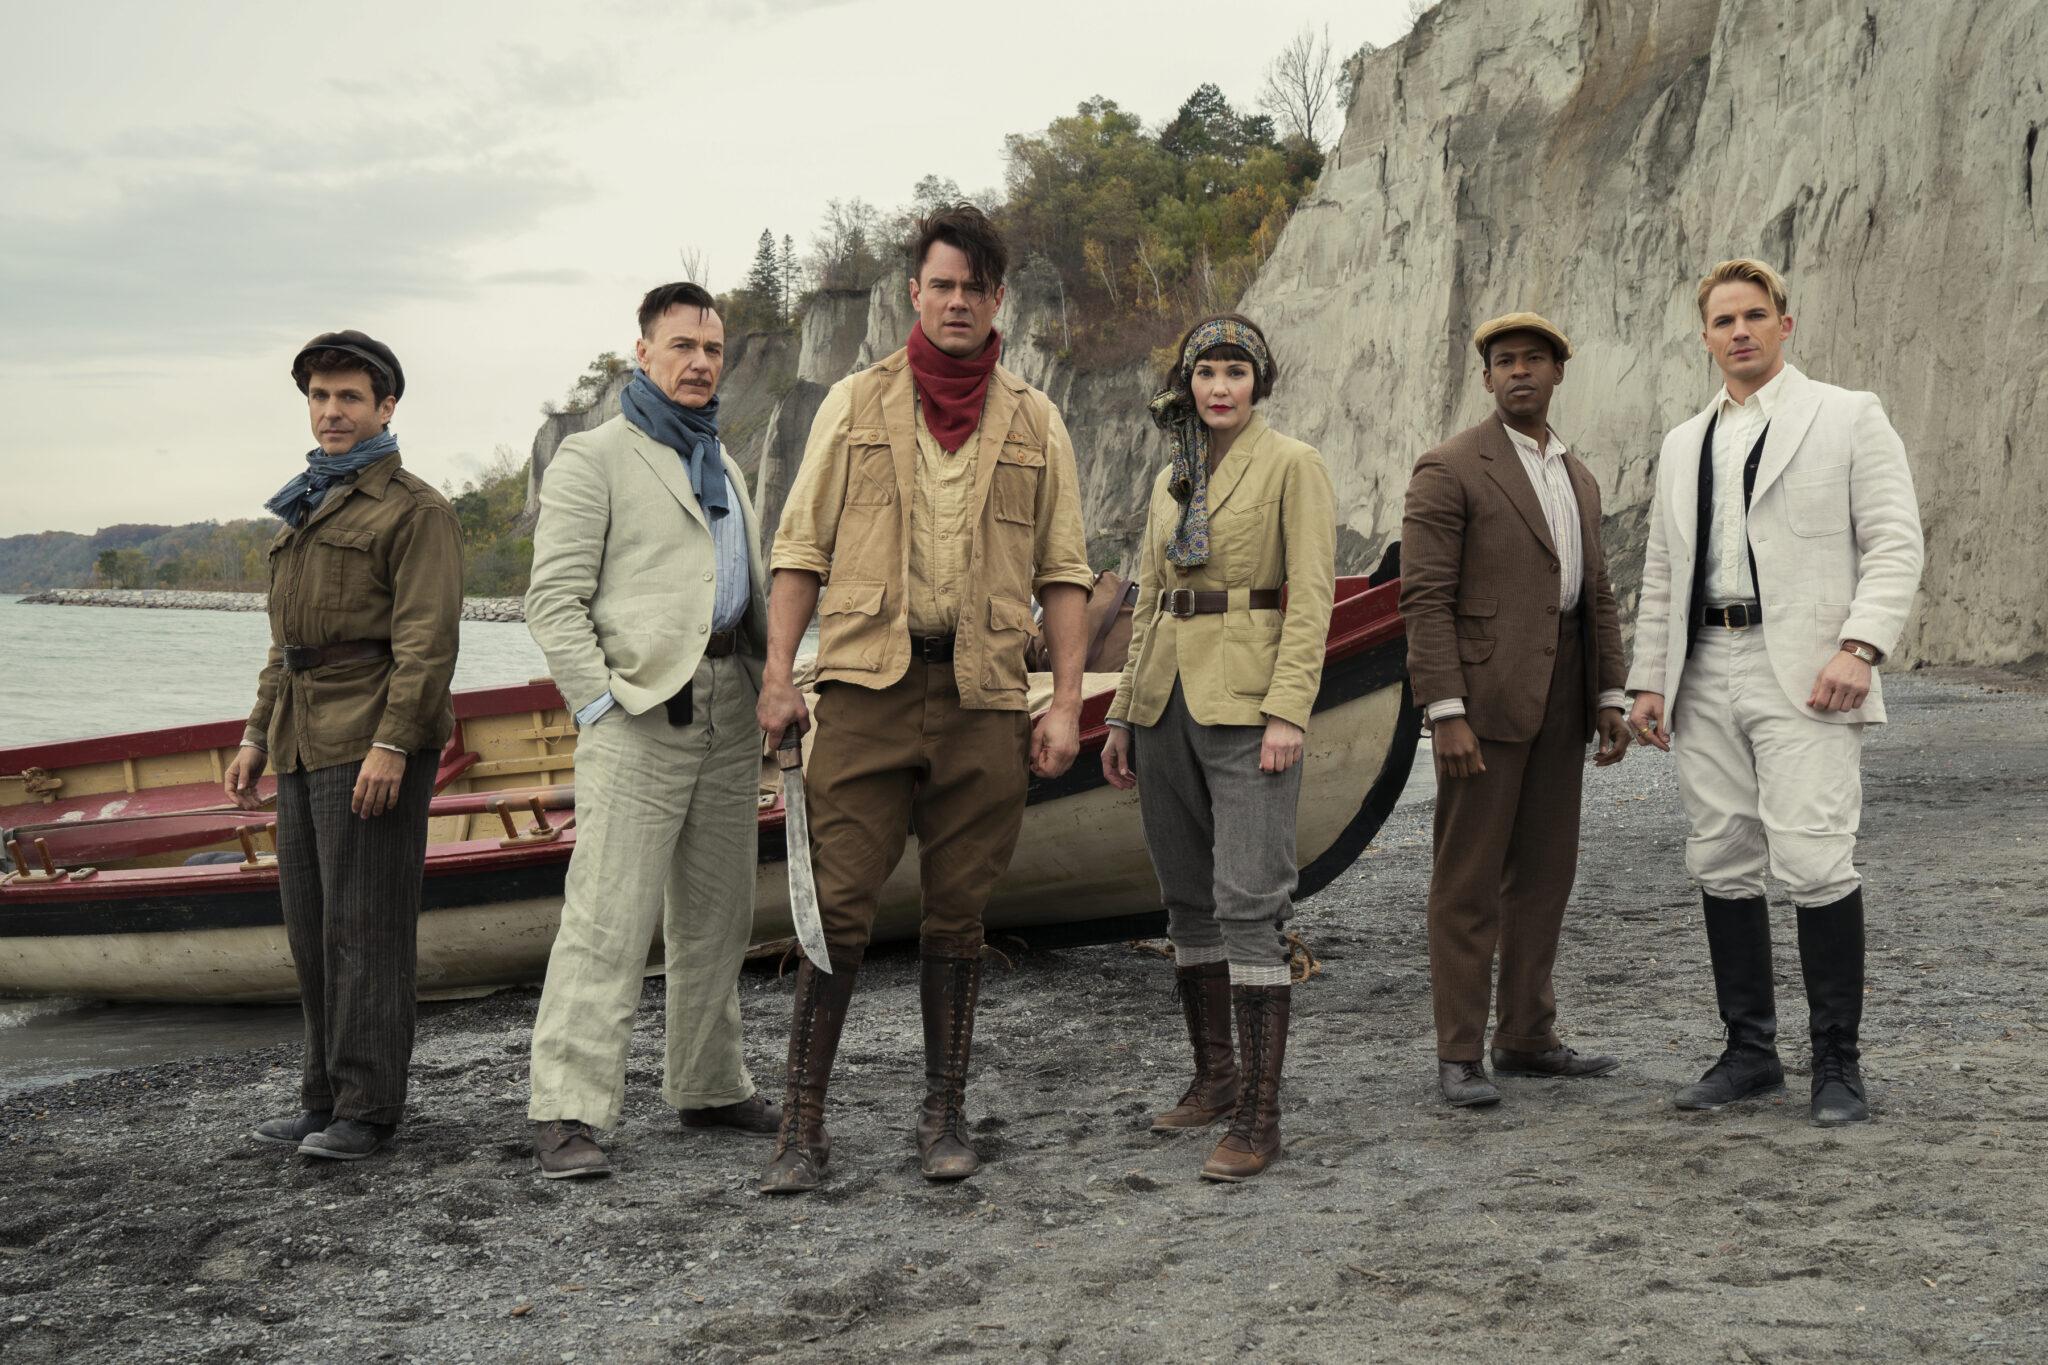 Fünf Personen stehen an einem Strand vor einem anlegenden Ruderboot und einer massiven Steilküste im Hintergrund. Sie tragen alle typische Abenteurerkluft und der Mann in der Mitte hält eine Machete in seiner rechten Hand.